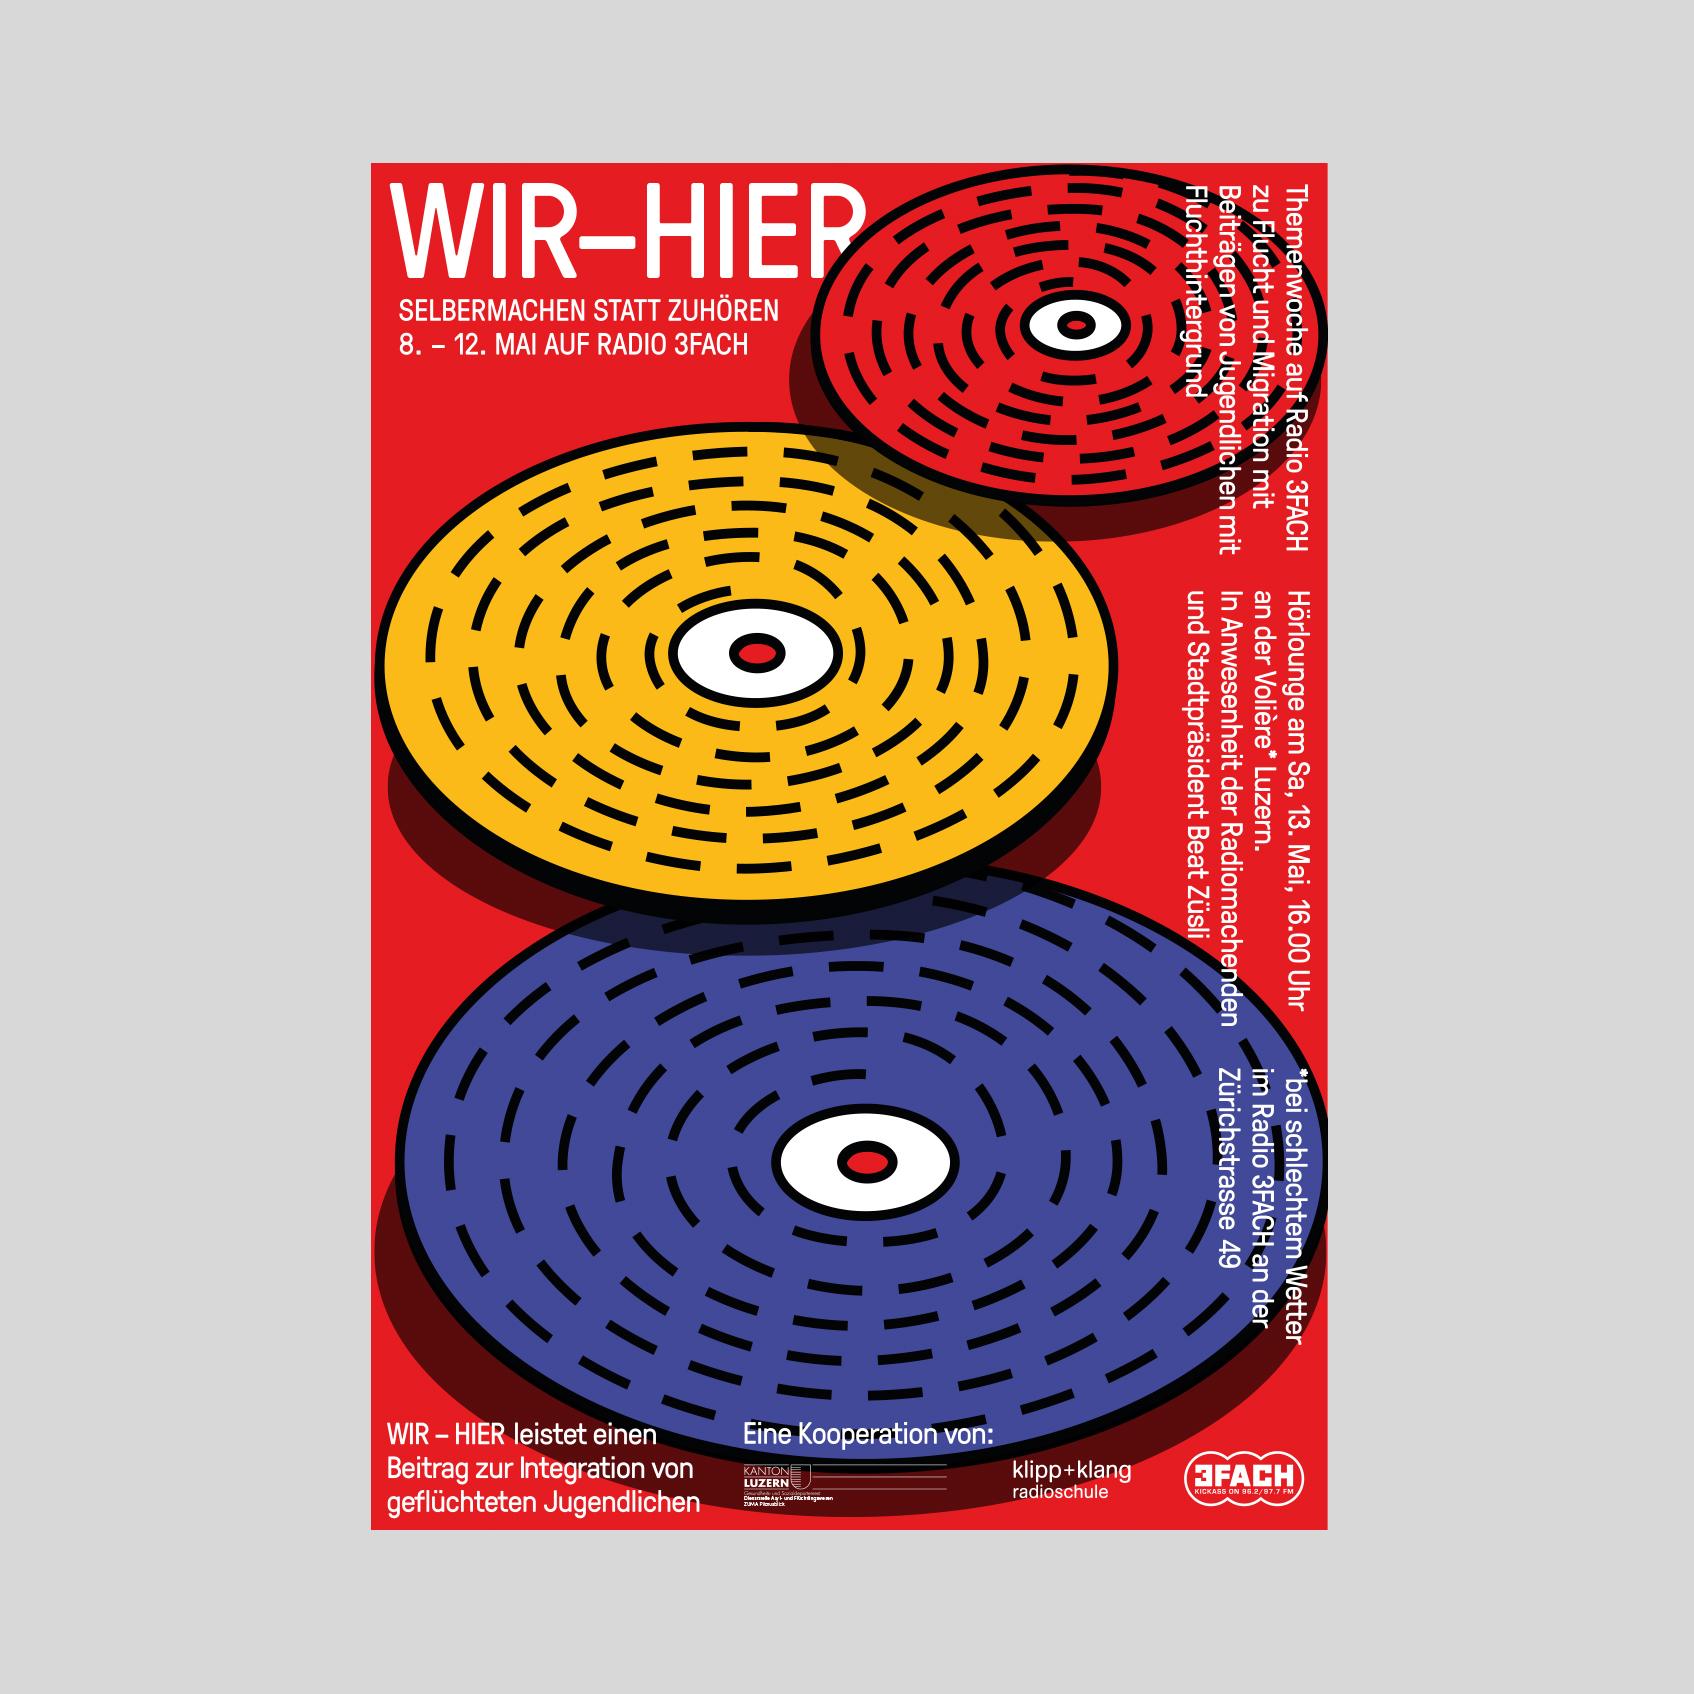 3FACH / Radioschule Klipp & Klang – Flyer «Wir–Hier» | 2017